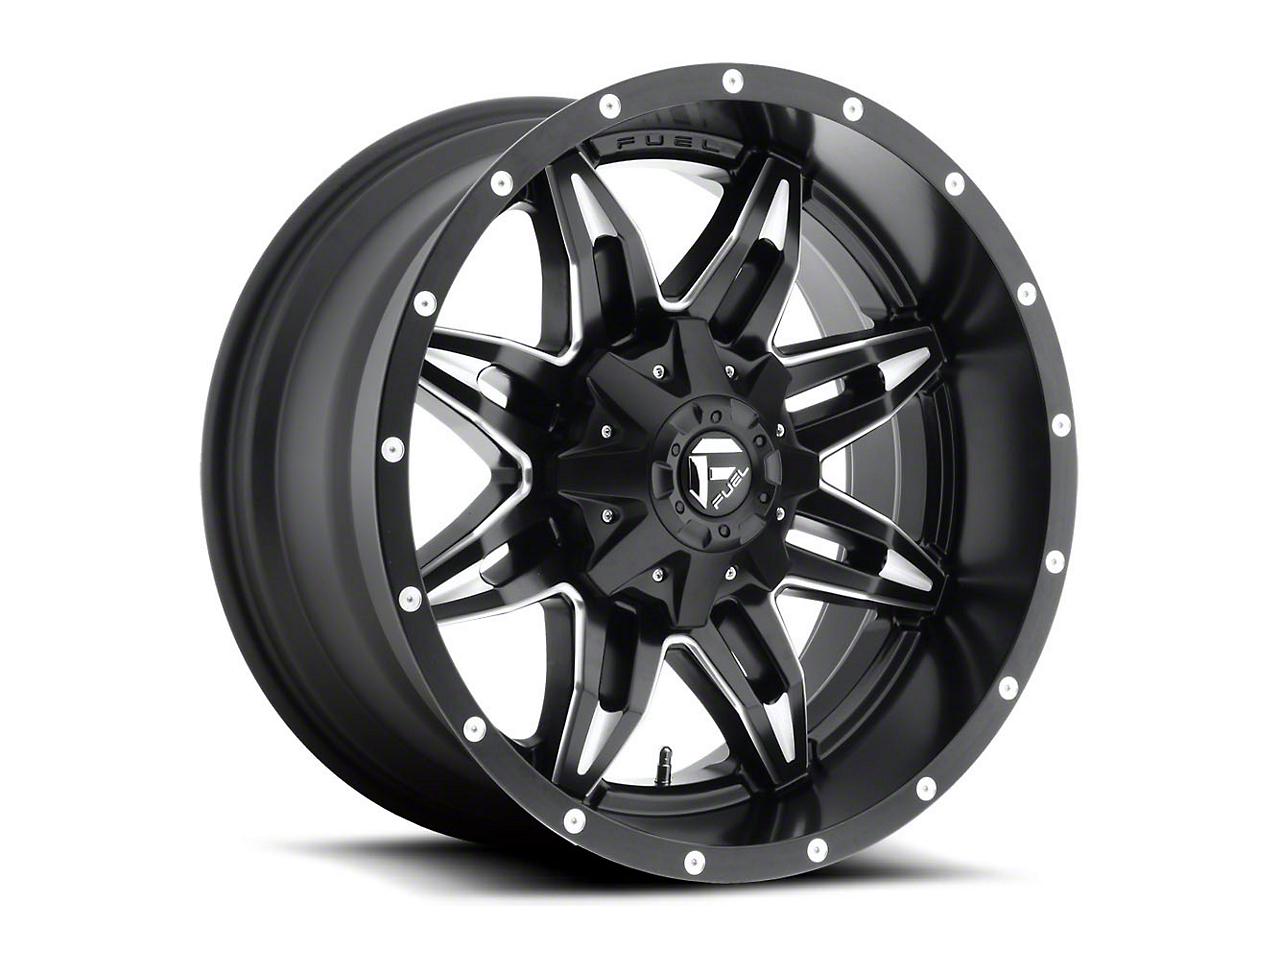 Fuel Wheels Lethal Black Milled 5-Lug Wheel - 20x12 (02-18 RAM 1500, Excluding Mega Cab)